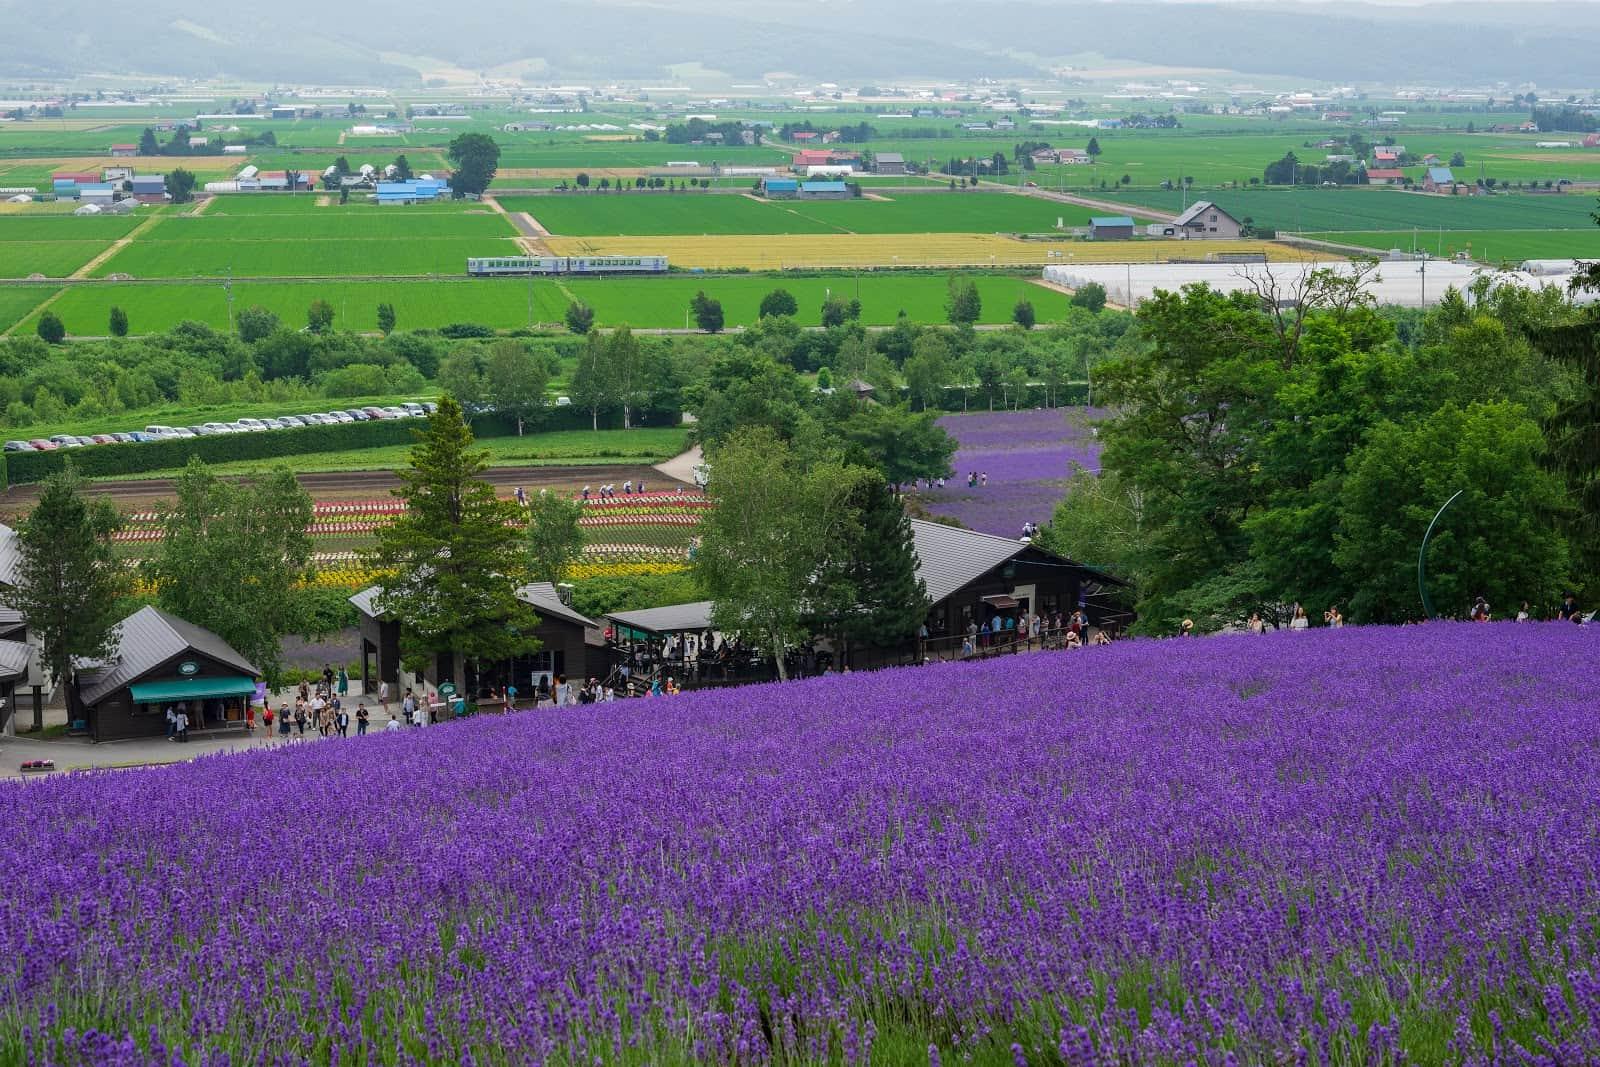 Farm Tomita ทุ่งลาเวนเดอร์ ในเมืองฟูราโน่ที่ฮอตฮิตที่สุดใน ฮอกไกโด